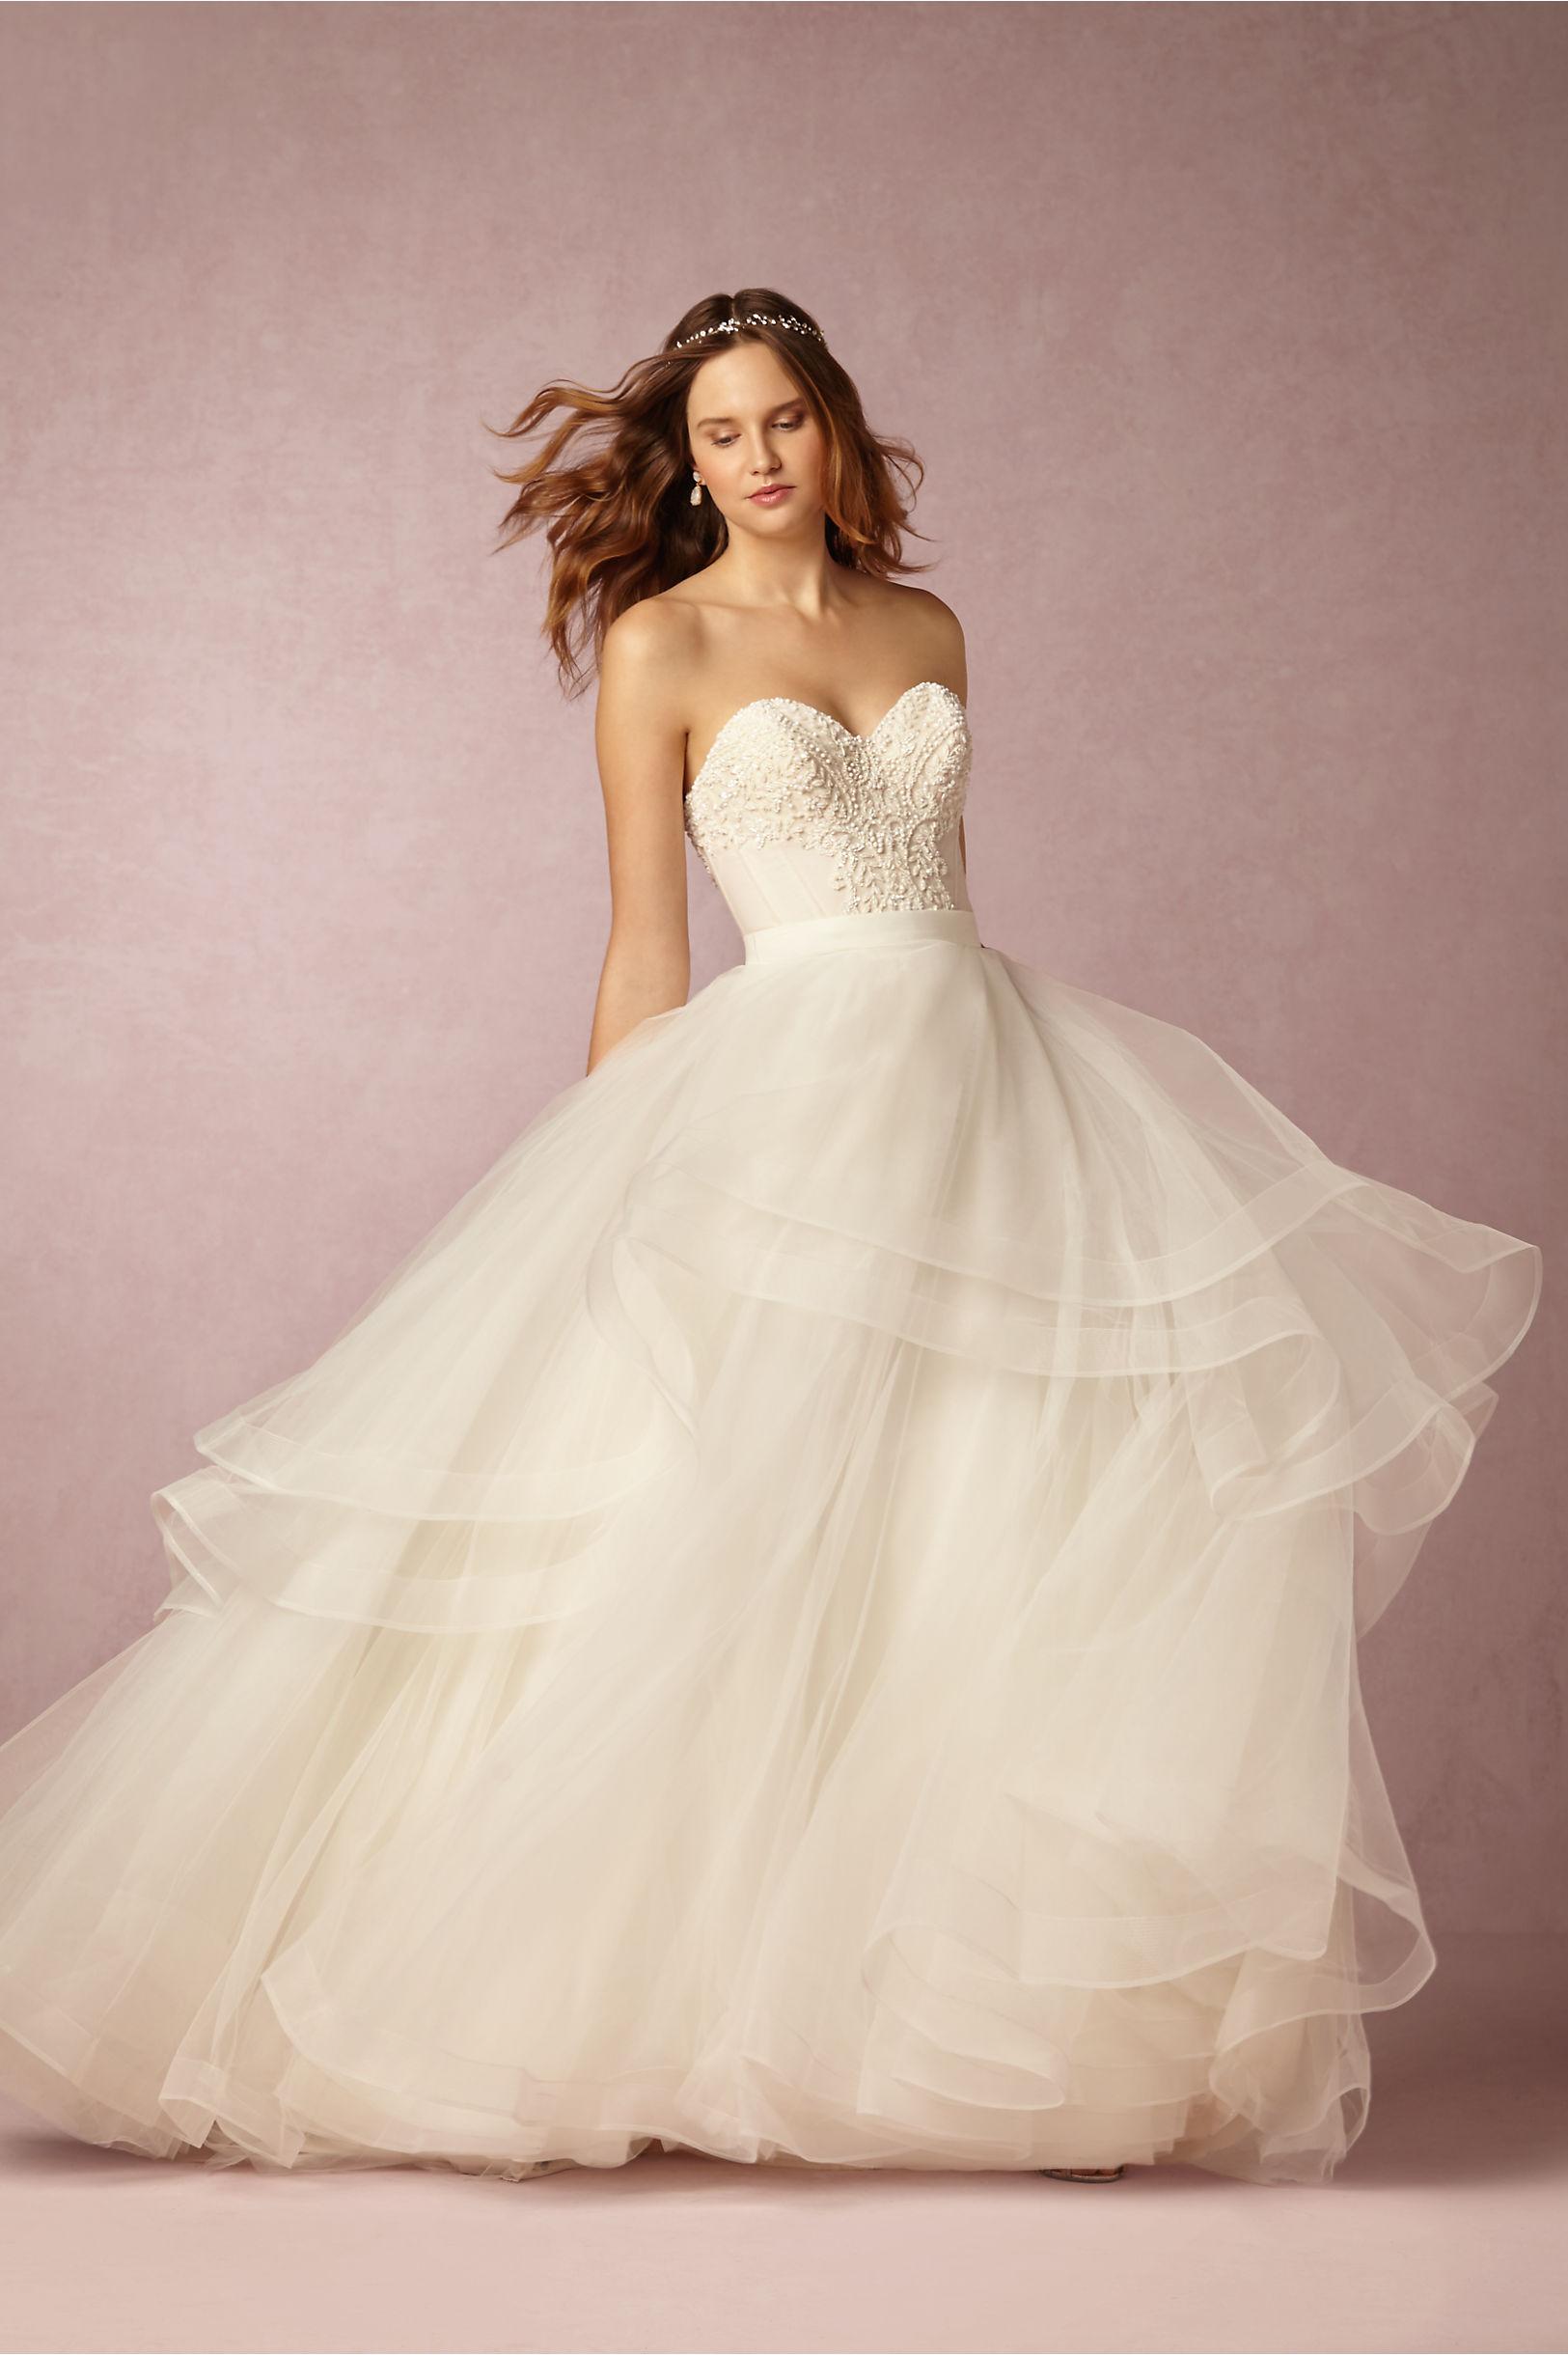 wedding dresses nyc under wedding dress under Ideas Corset To Wear Under Wedding Dress 20 Trenst Dresses Everafterguide Tisha